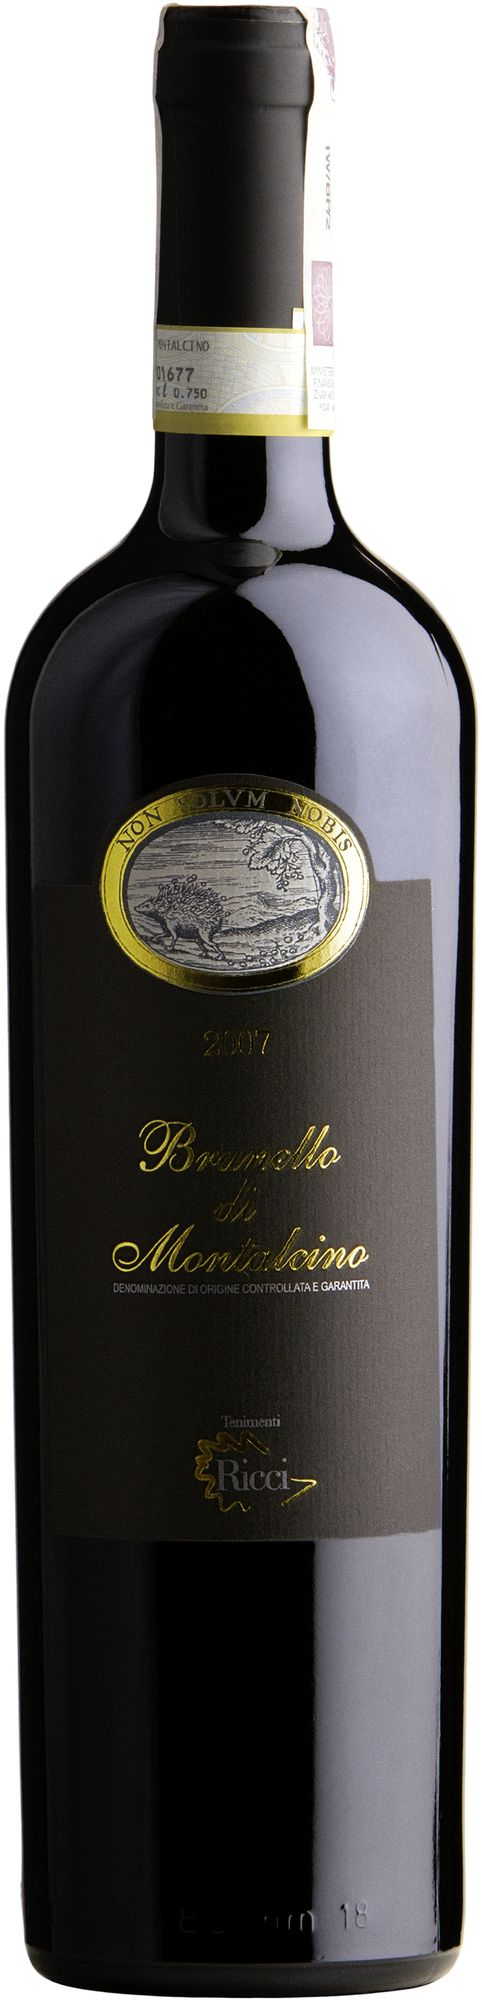 Wino Tenimenti Ricci Brunello di Montalcino DOCG